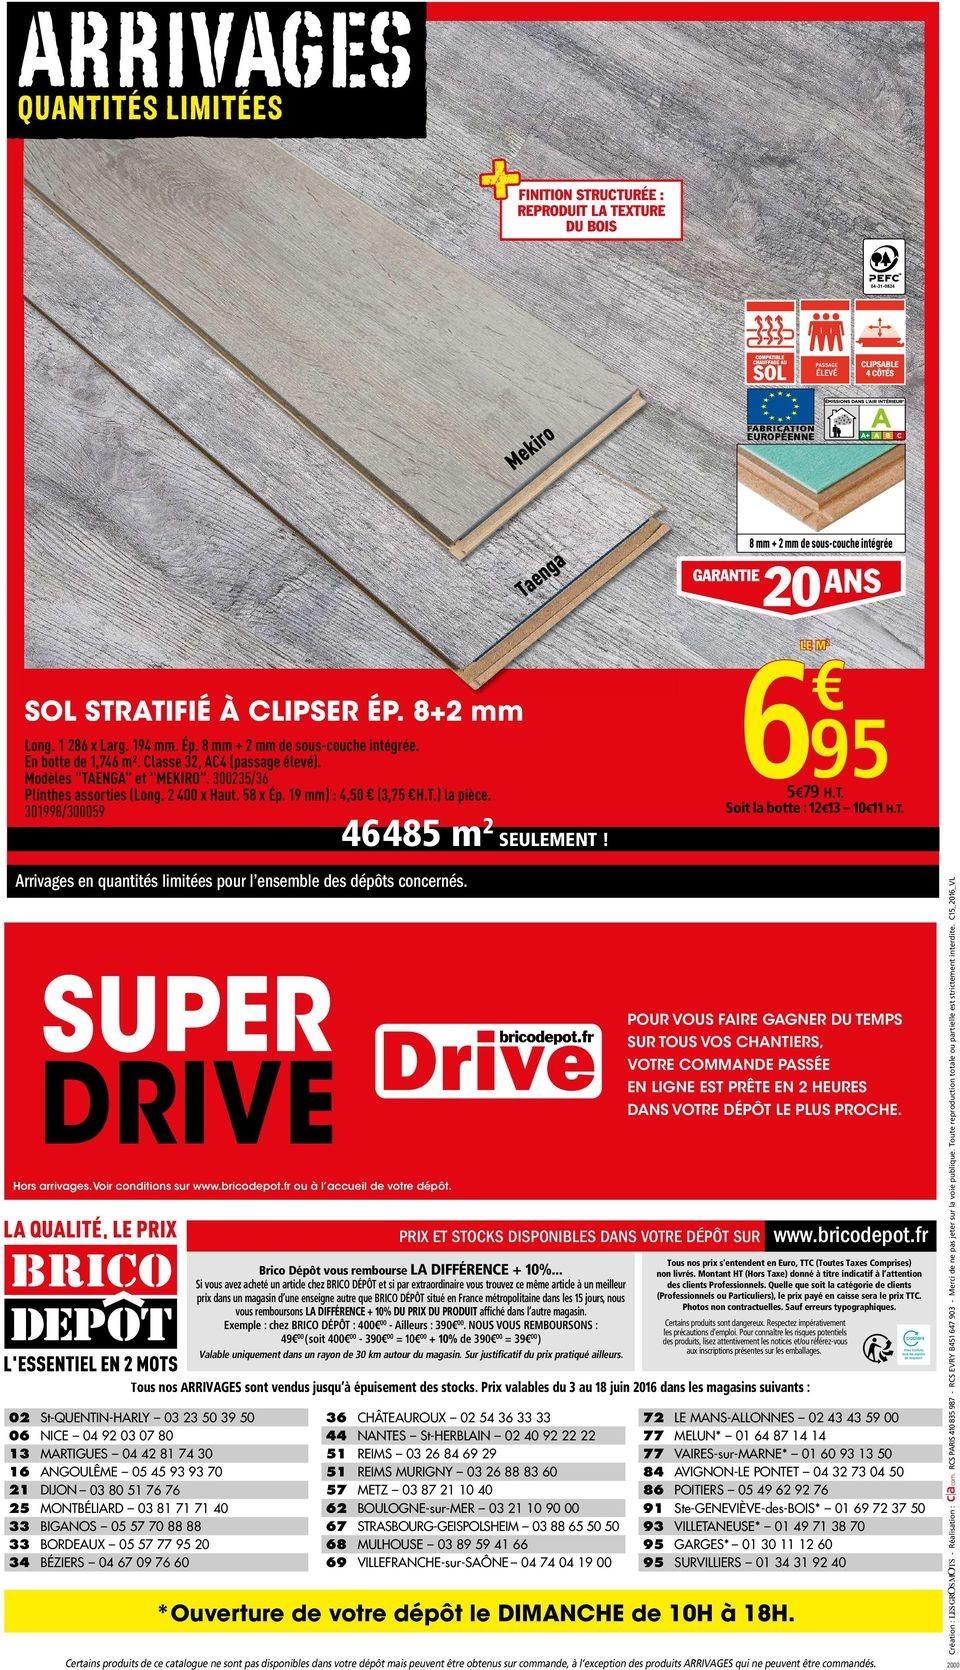 extracteur de roulement brico depot amazing x cliquez pour agrandir avec page 16 et extracteur vis brico depot 8 960x1670px extracteur vis brico depot